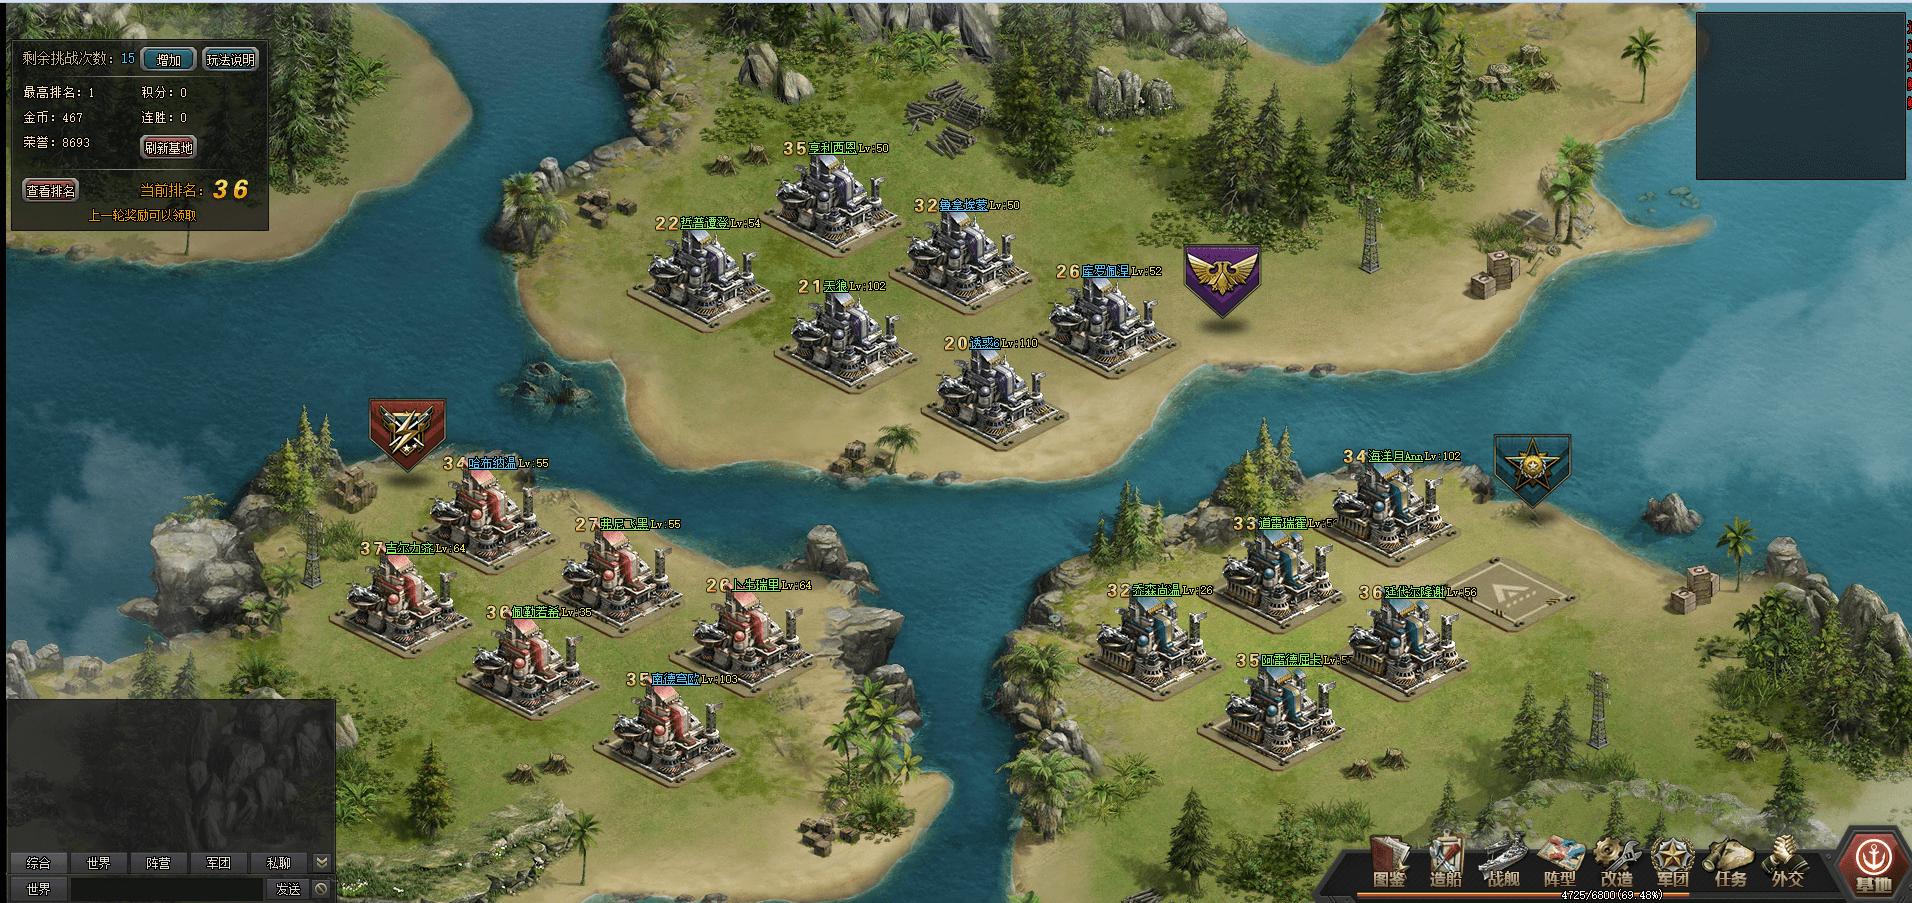 舰队黎明游戏截图4